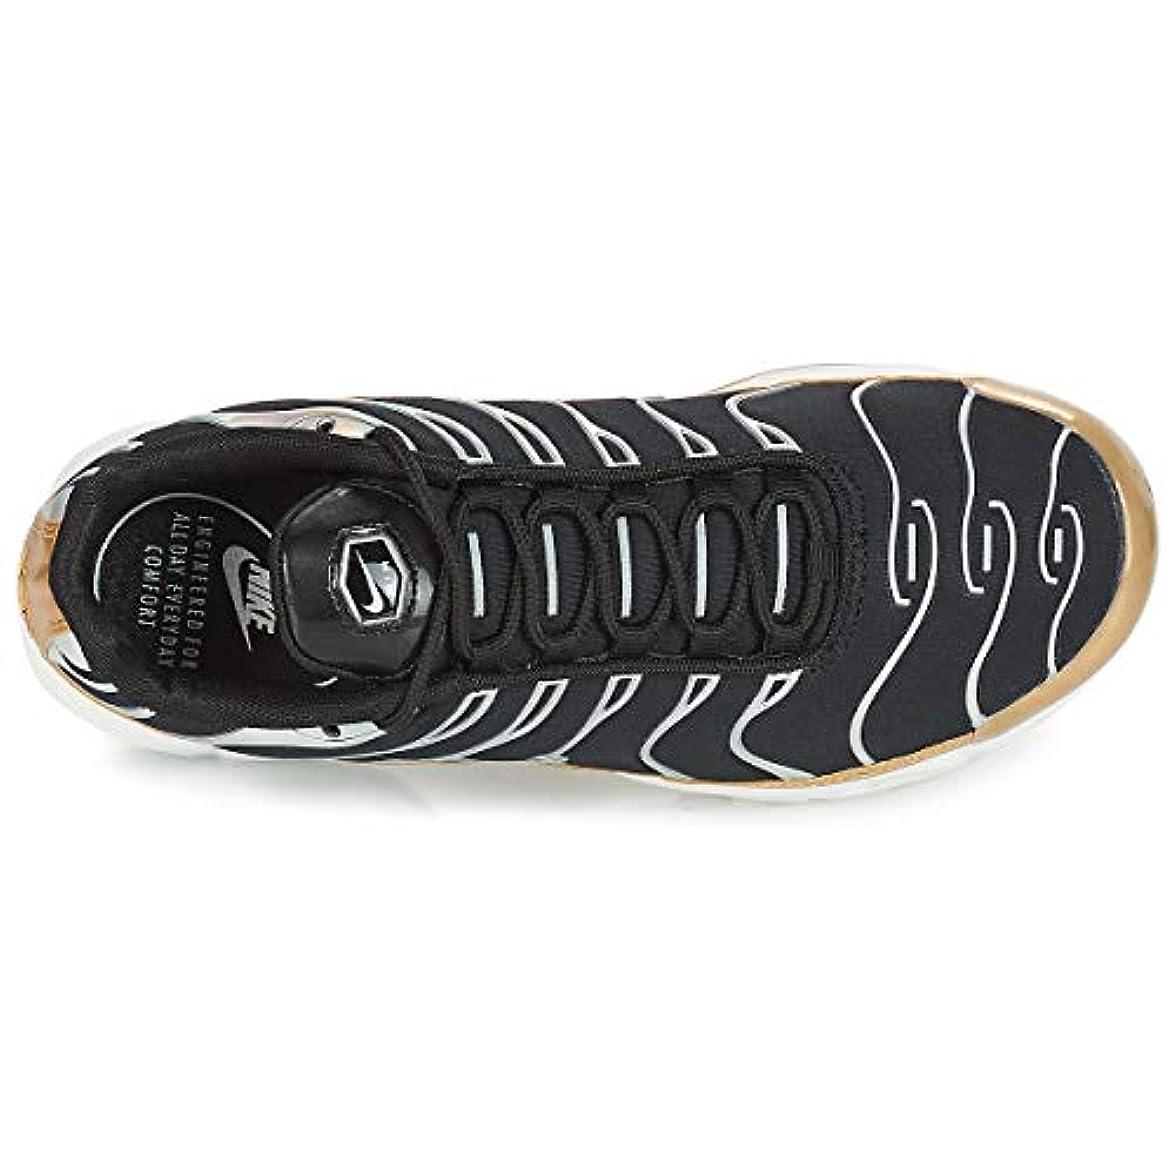 Nike Sport Scarpe Per Le Donne Color Nero Marca Modelo Donne Air Max Plus Nero